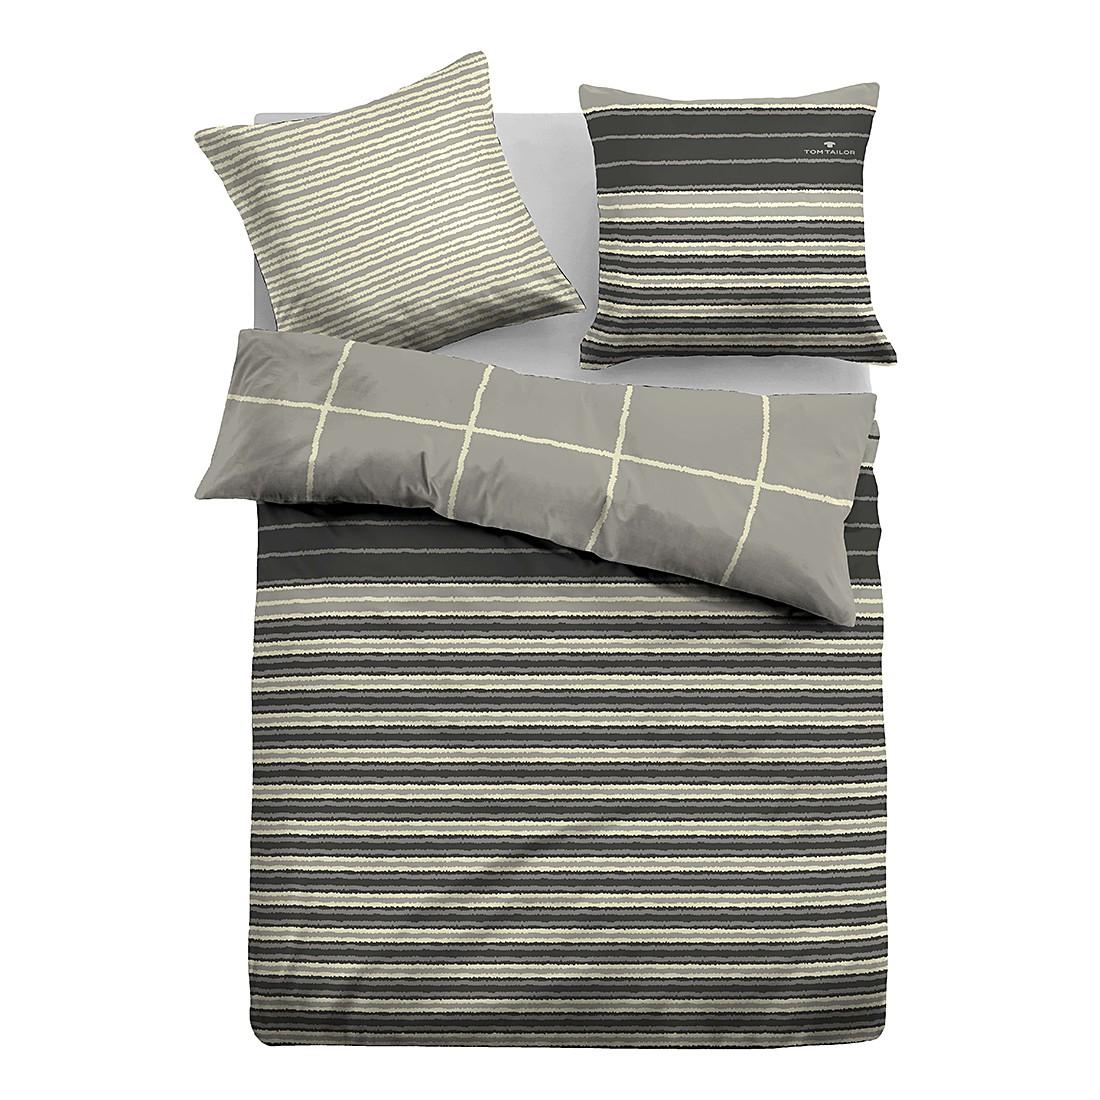 Satin Bettwäsche Linien – Grau / Gelb – 200 x 200 cm + 2 Kissen 80 x 80 cm, Tom Tailor jetzt bestellen